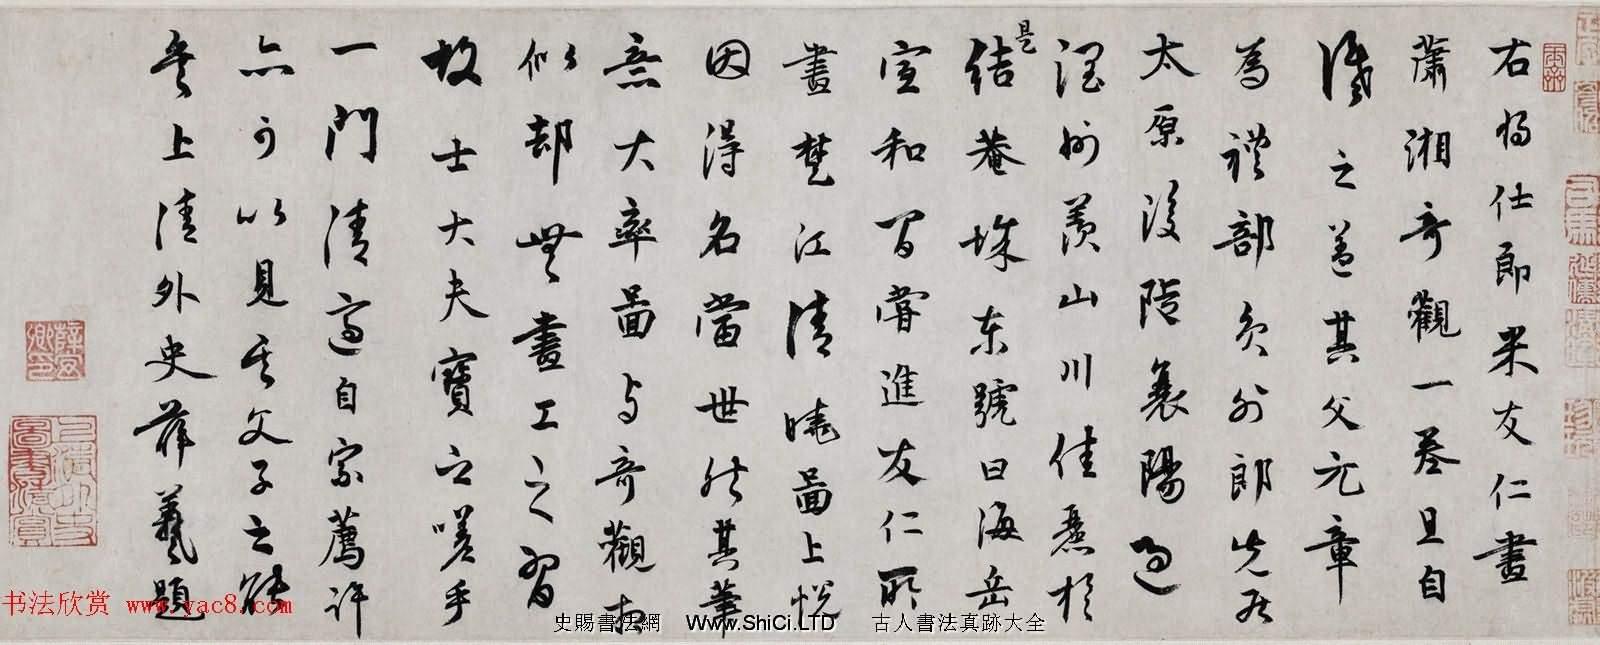 元代薛羲書法題跋墨跡真跡欣賞(共6張圖片)